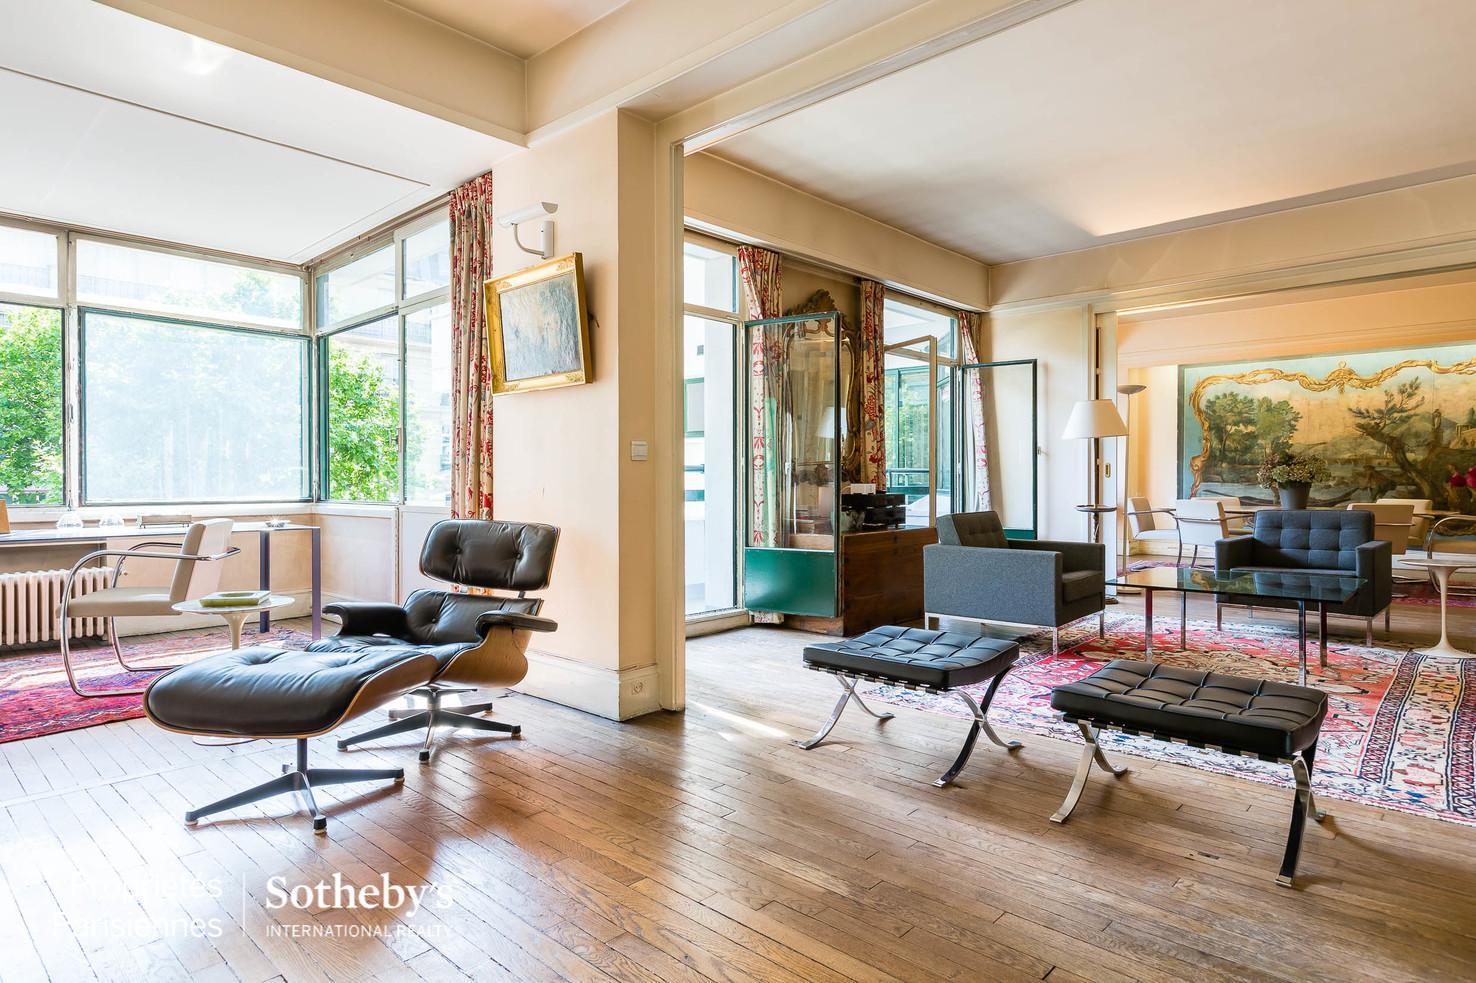 Appartement pour l Vente à Saint-Germain-des-Prés Boulevard Raspail Paris, Paris 75007 France